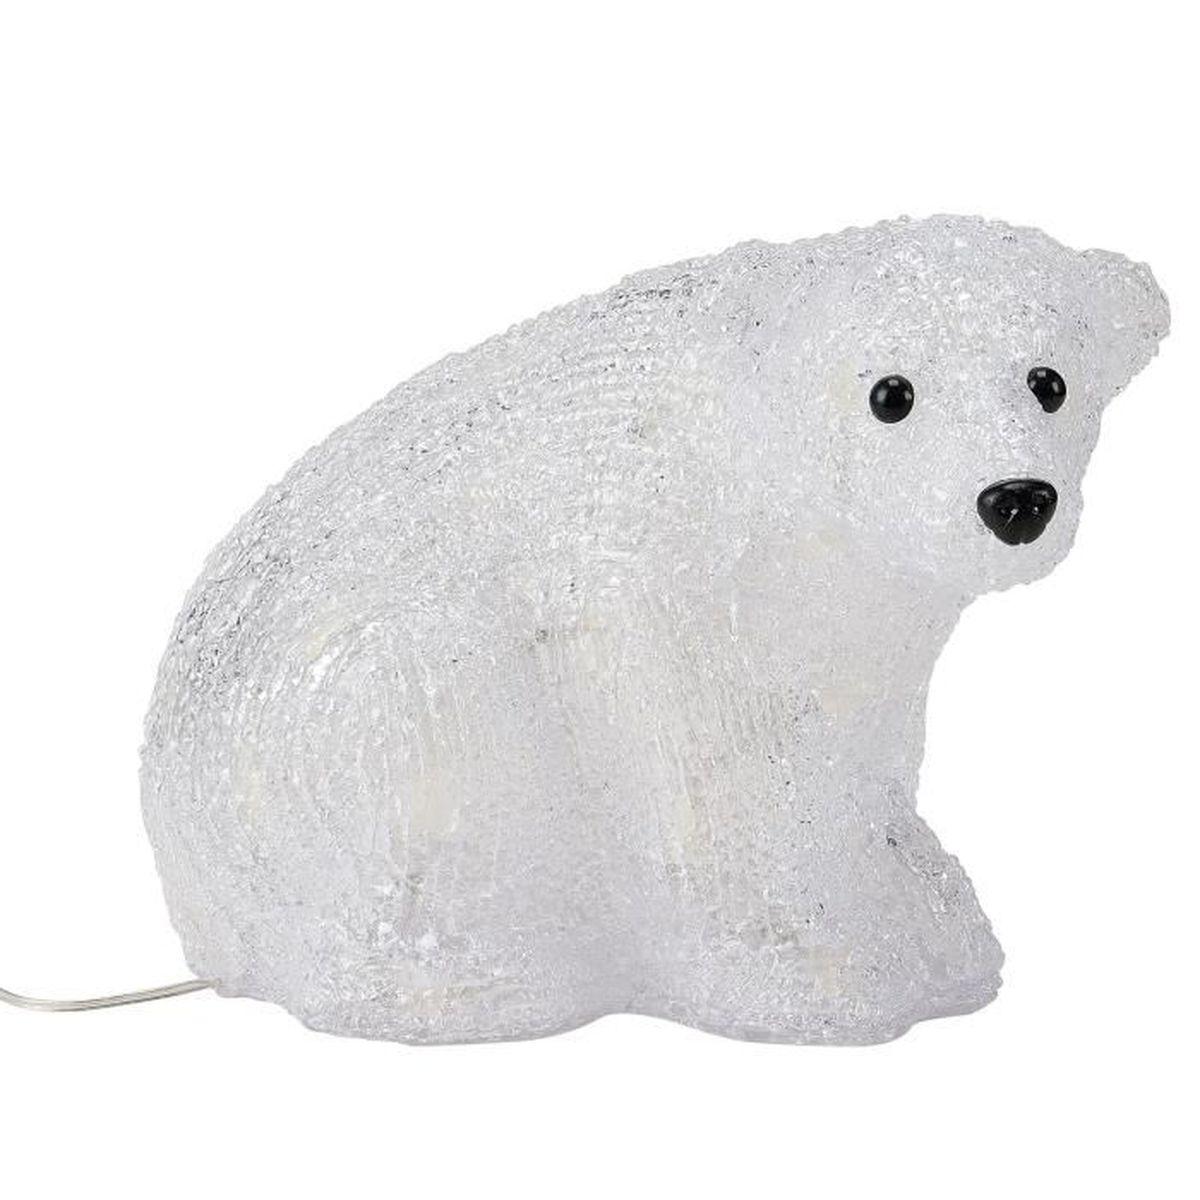 Ours polaire deco de noel achat vente pas cher for Achat de decoration